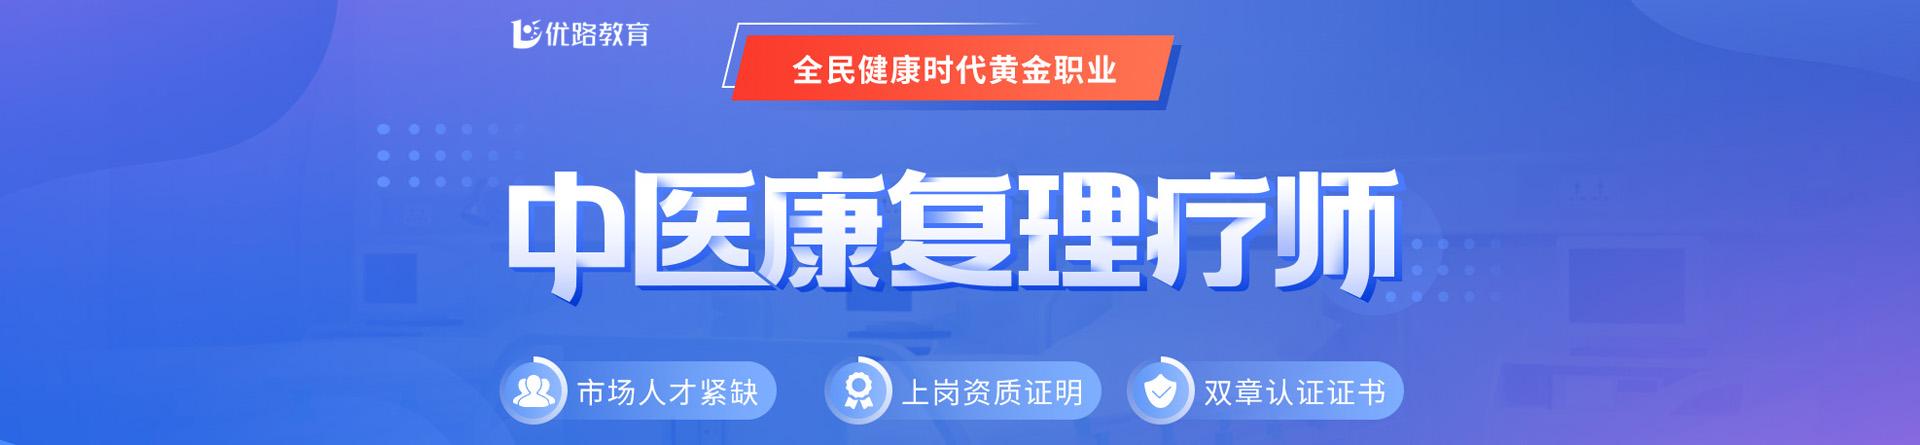 重庆万州优路教育培训学校